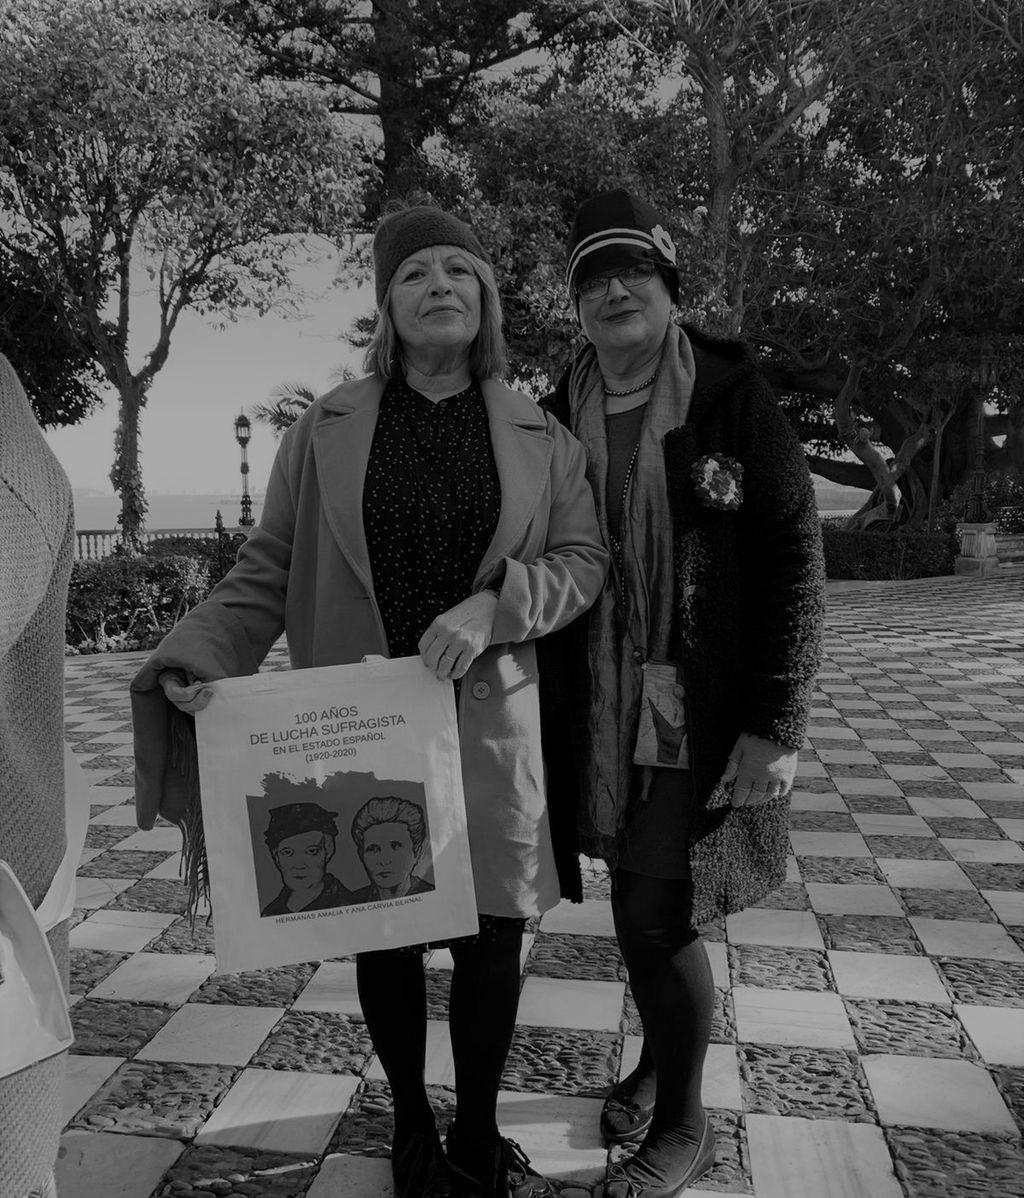 Feministas de Cádiz celebran 100 años del inicio de la conquista del voto femenino